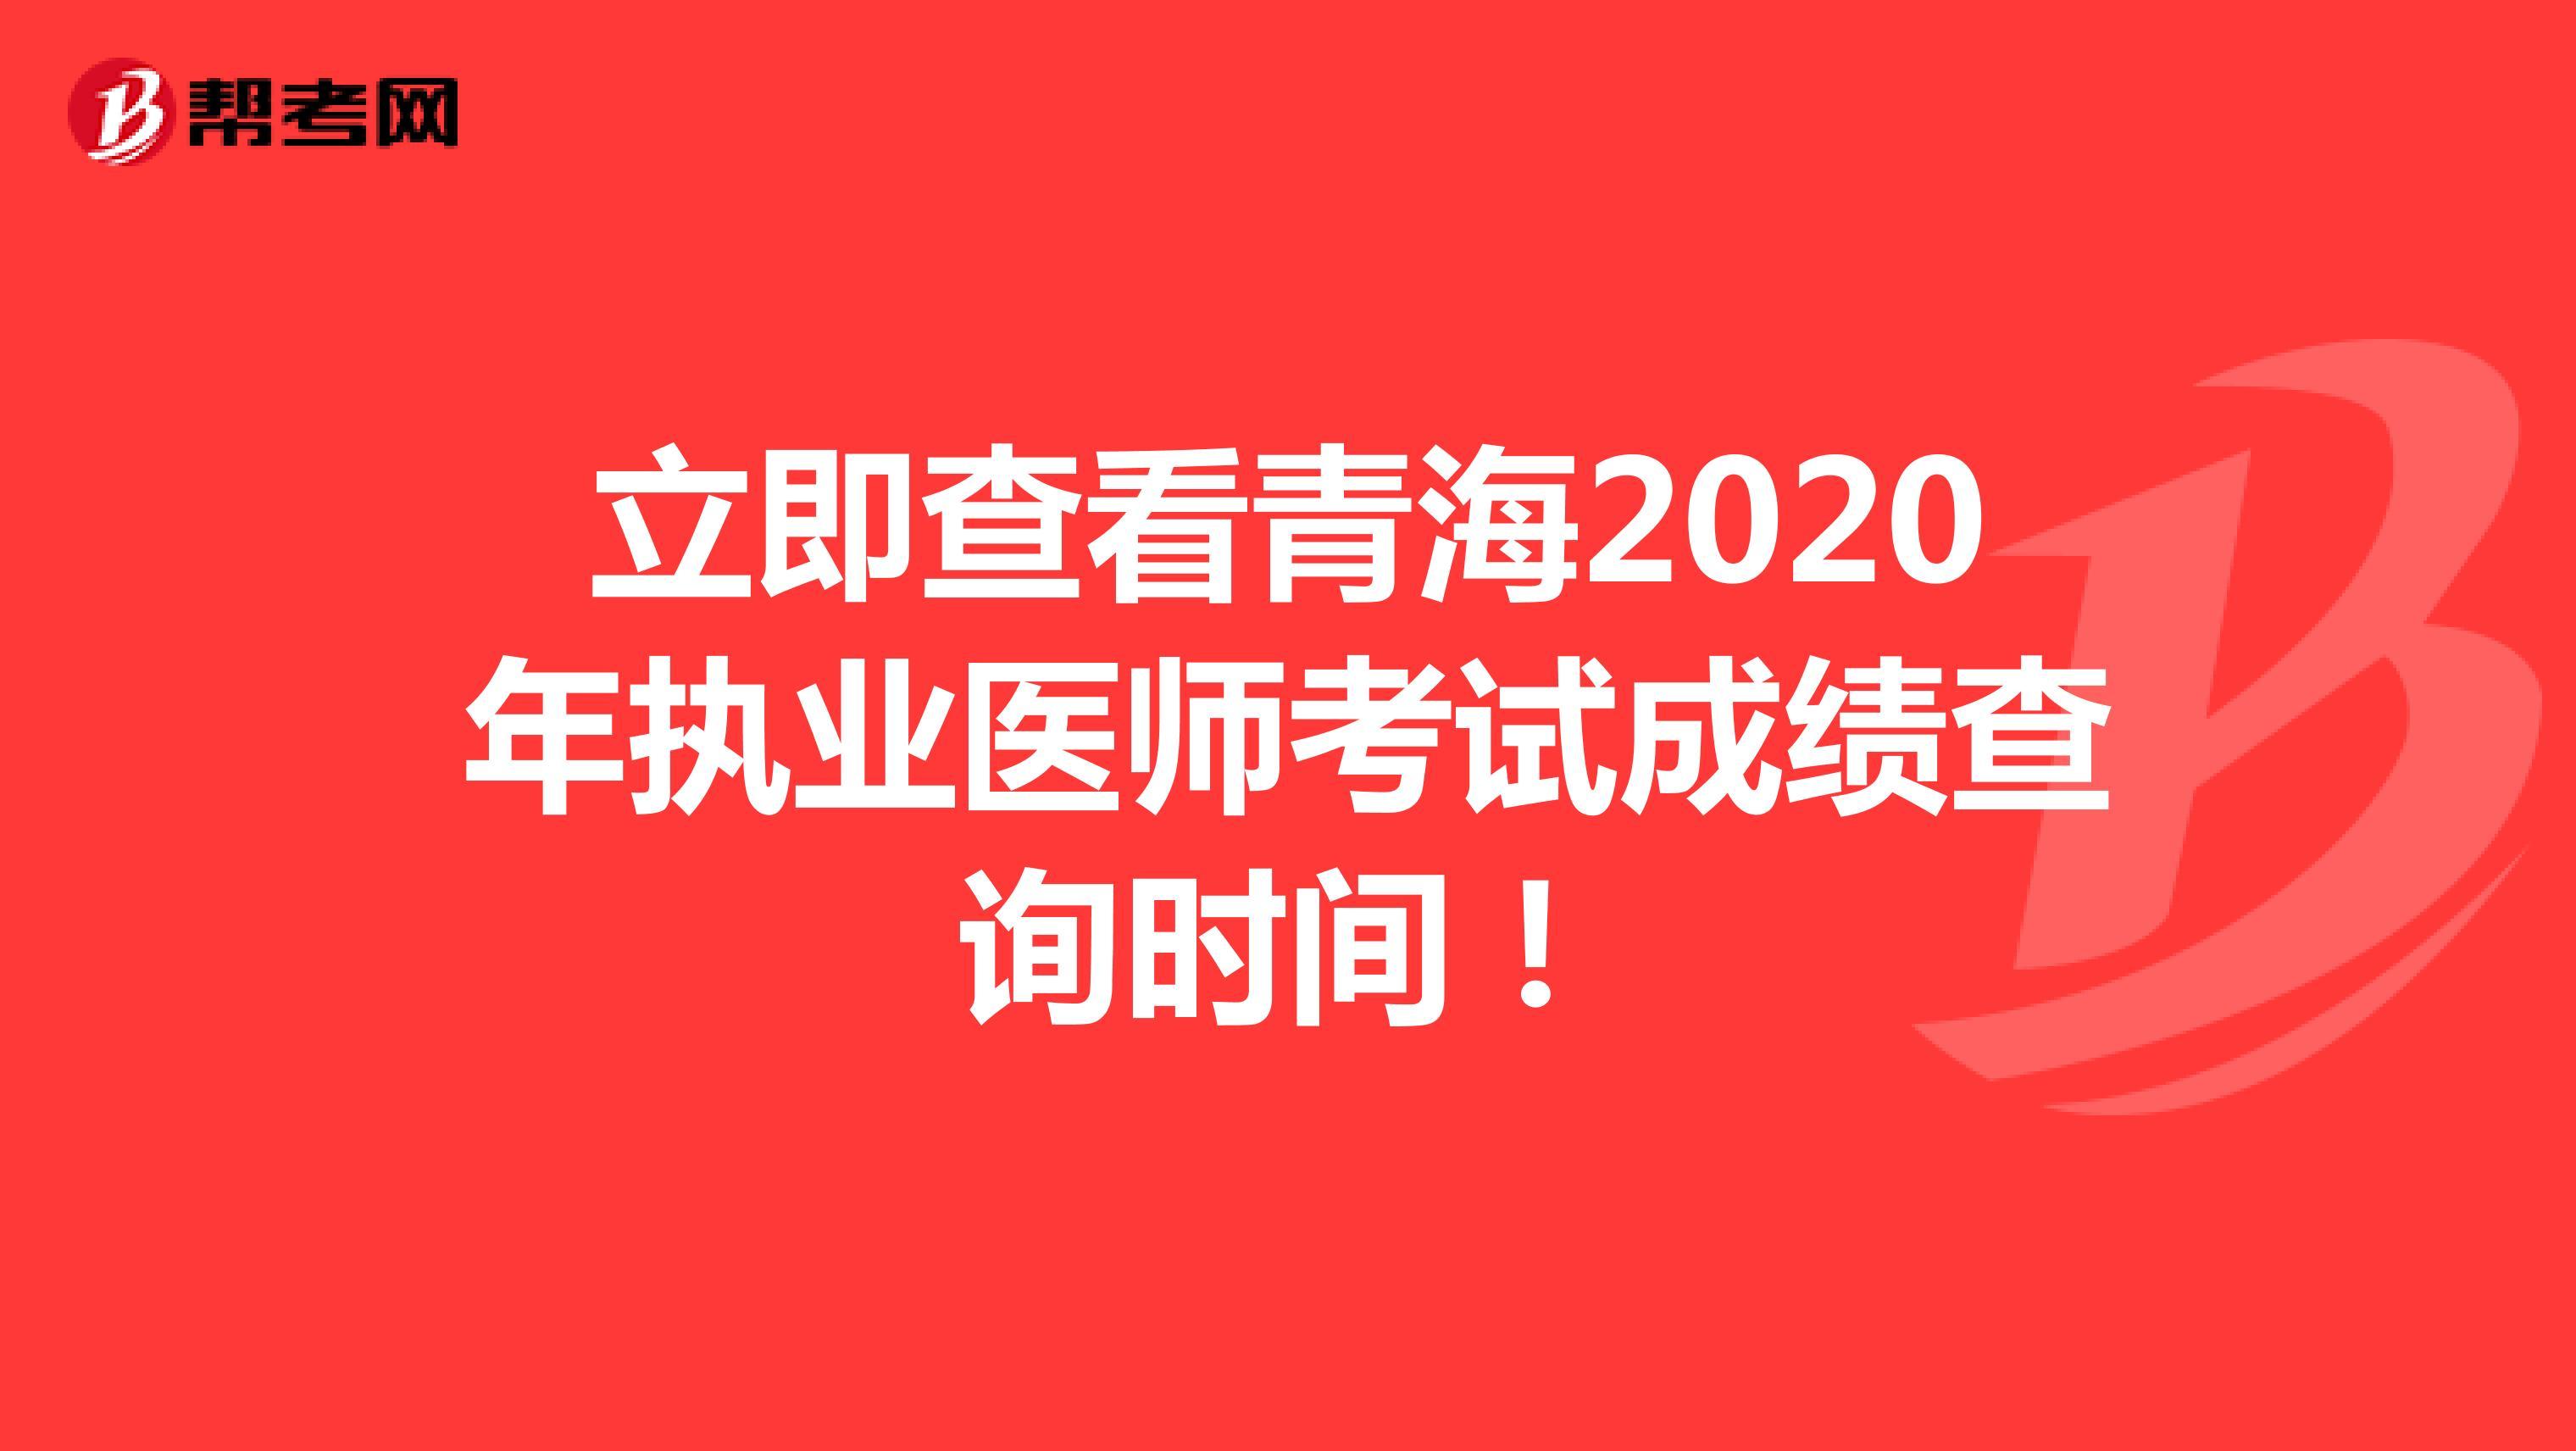 立即查看青海2020年执业医师考试成绩查询时间!